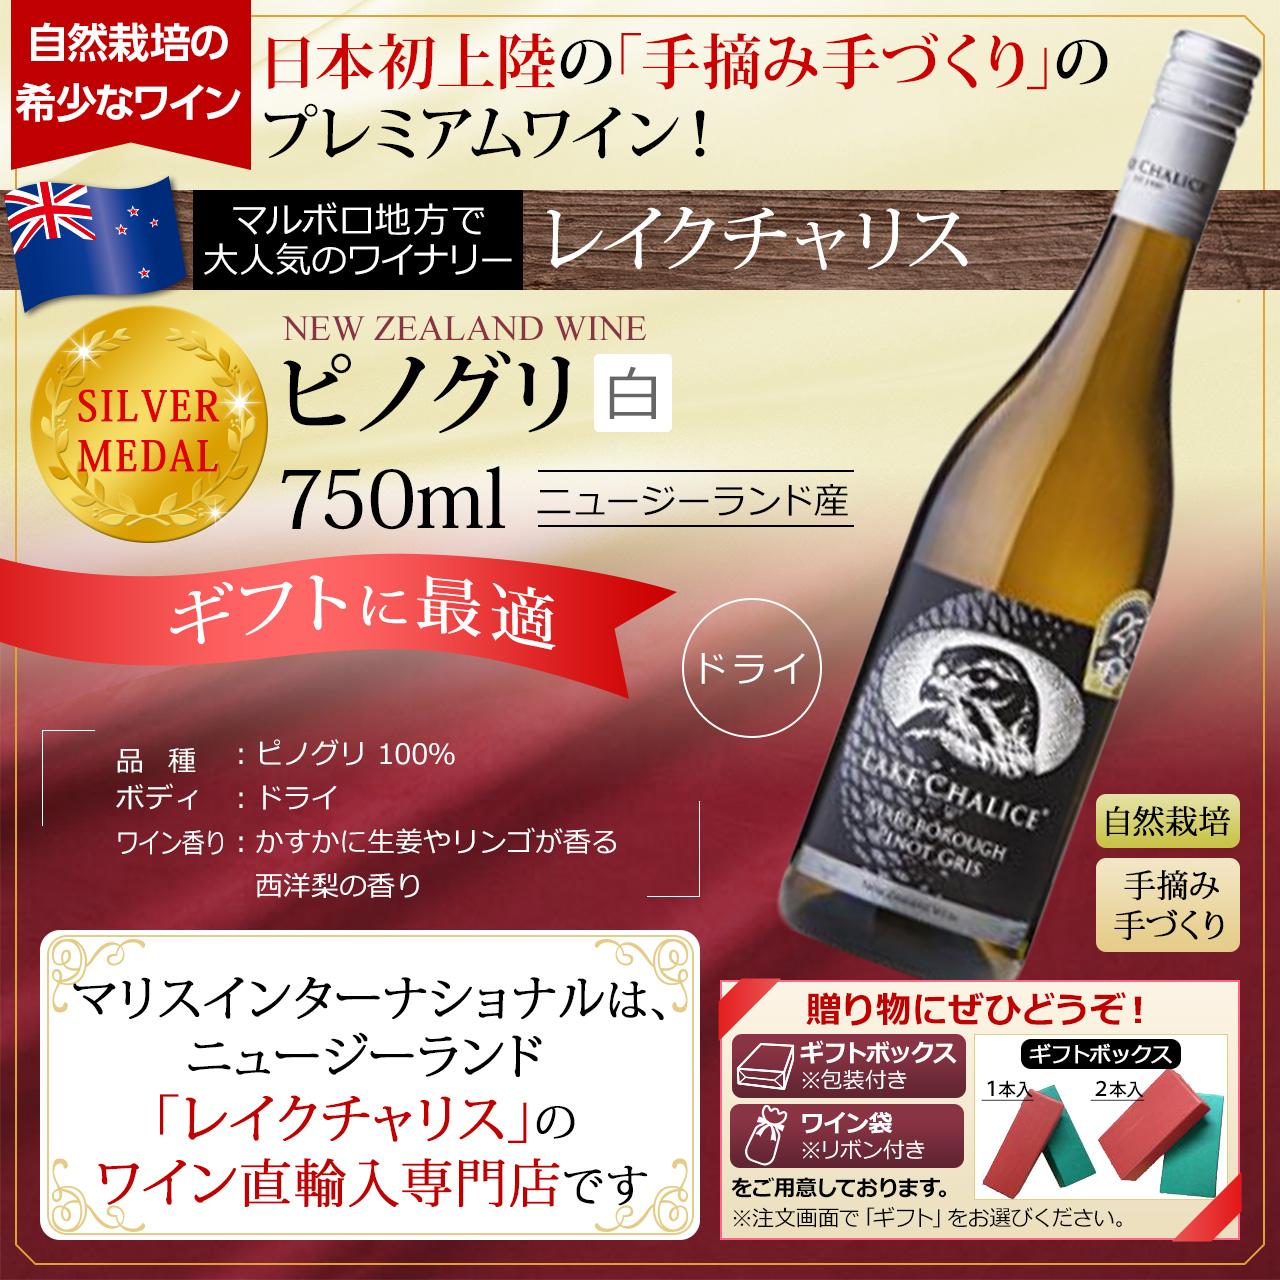 ワイン レイクチャリス 金賞 【ピノグリ 白 】手摘みブドウ 【 日本初上陸 ニュージーランド産